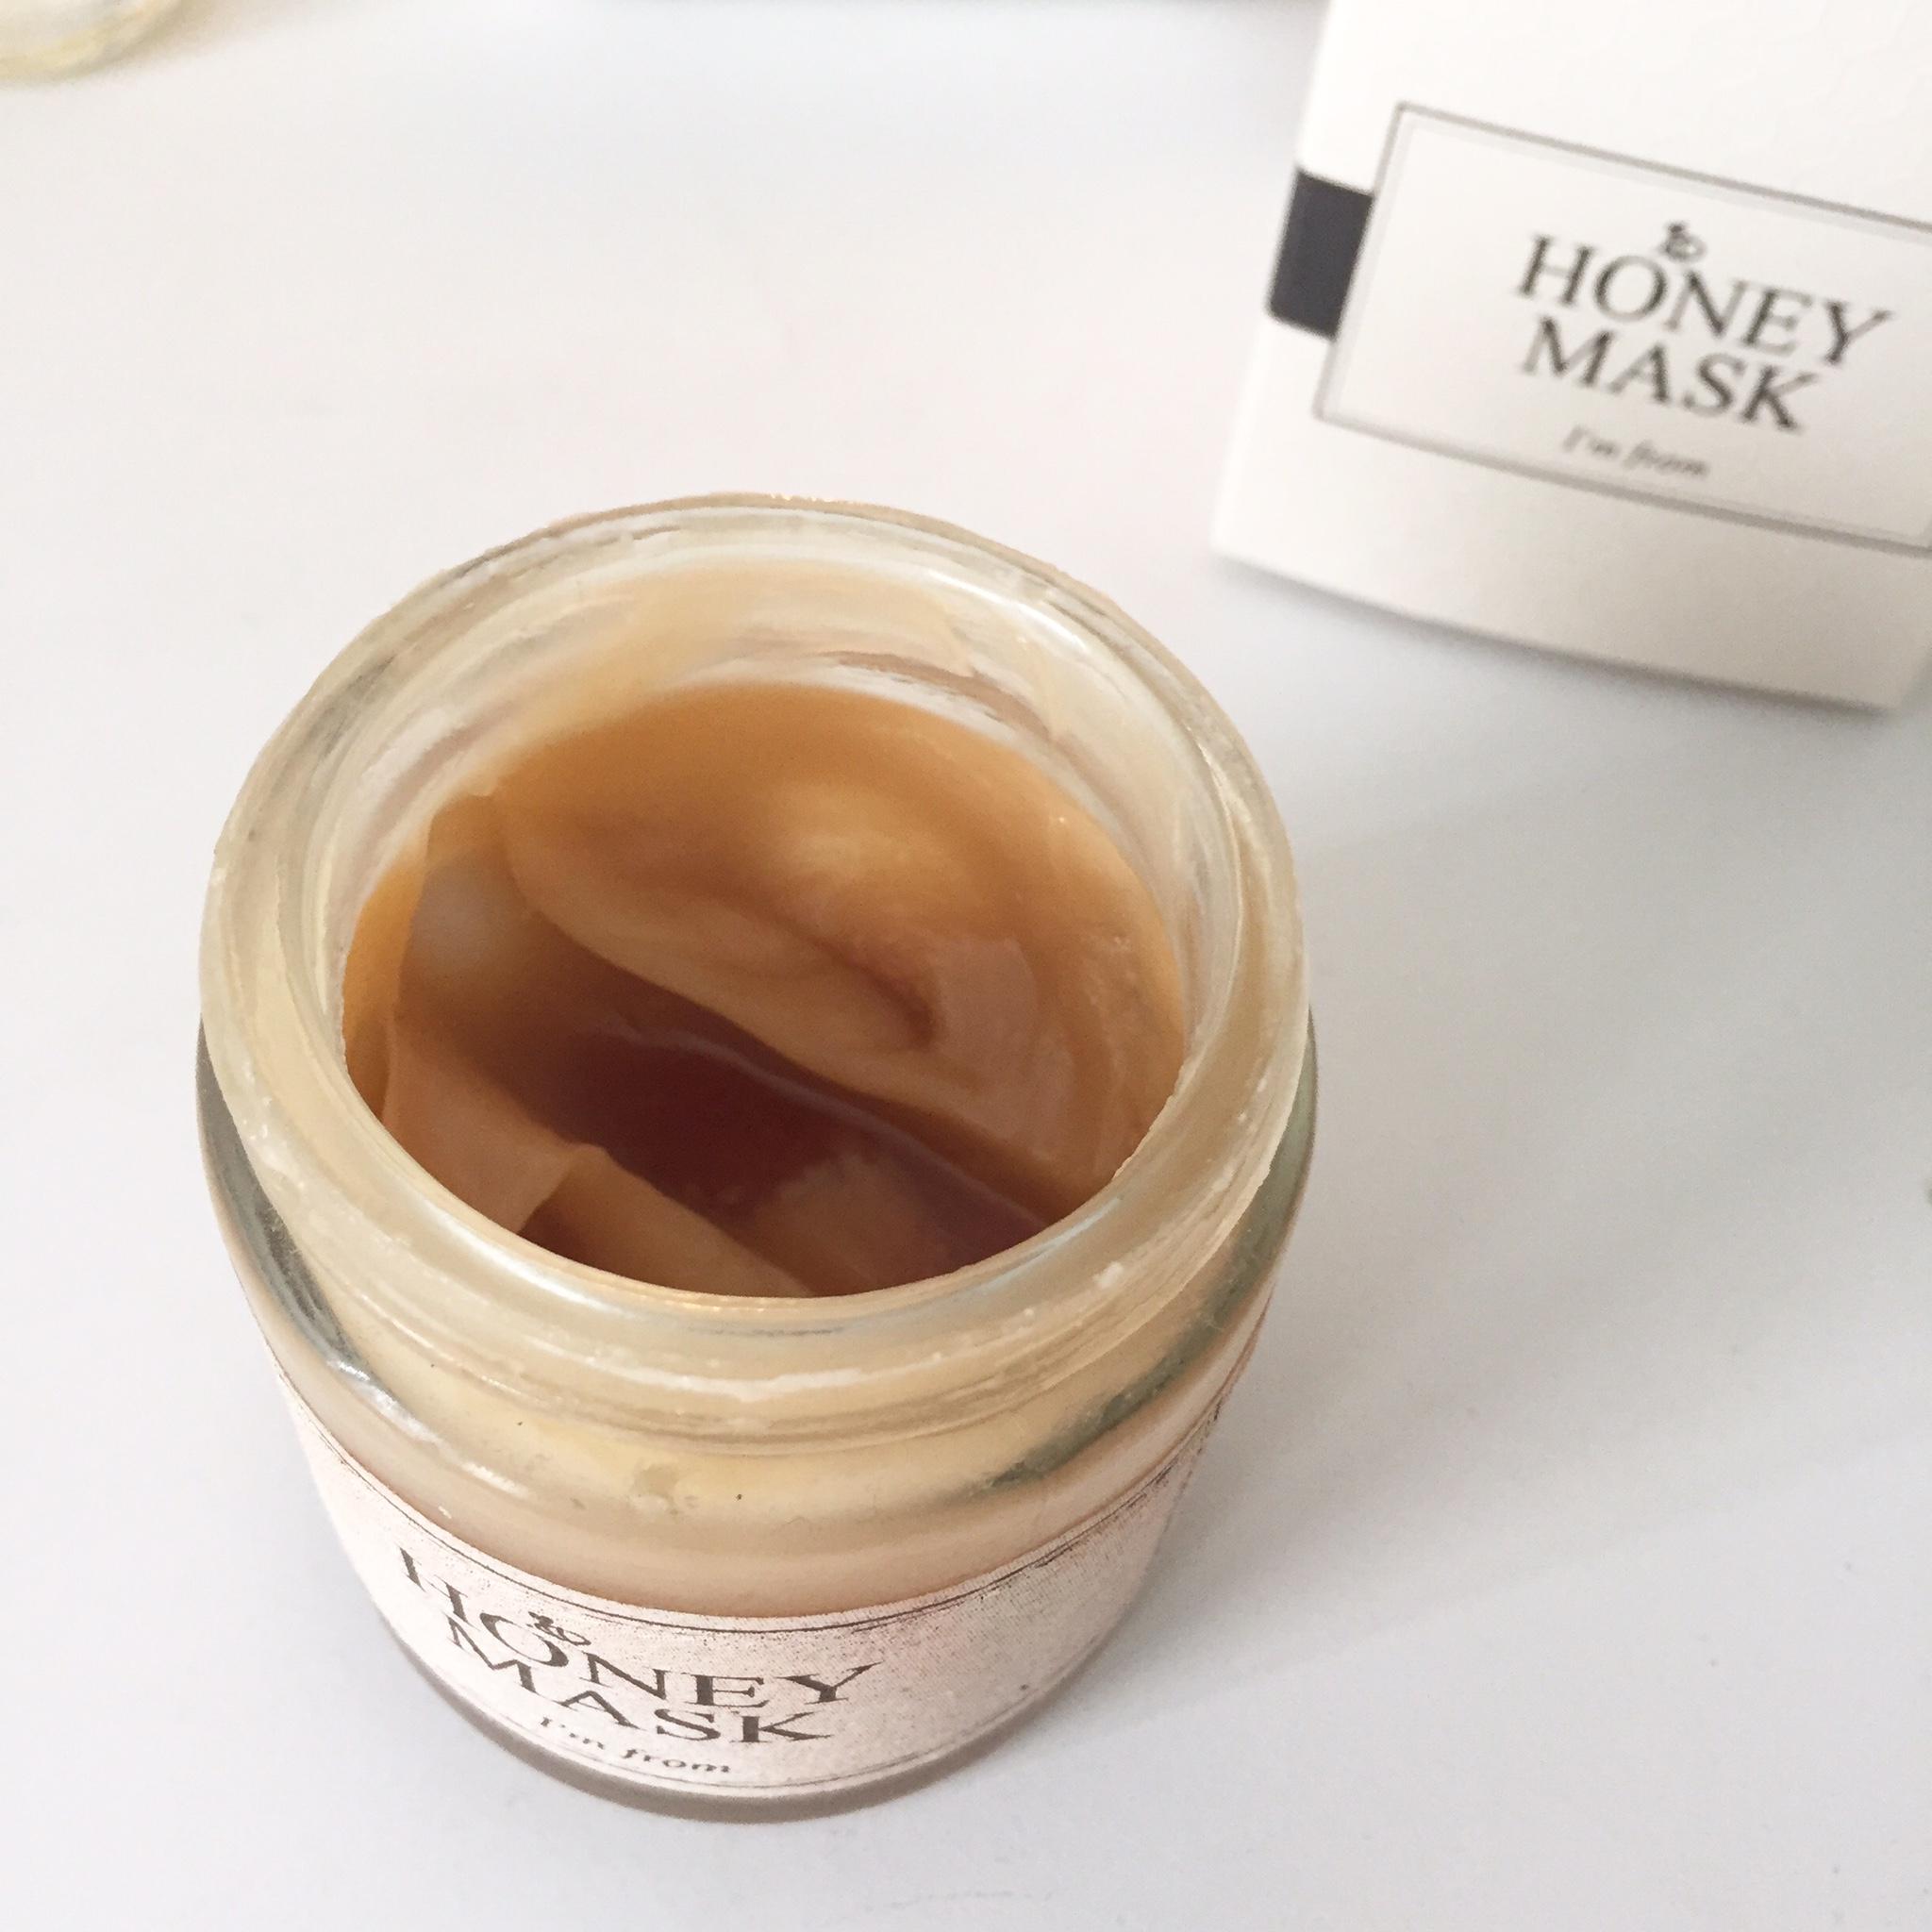 Im From Honey Mask Korean Beauty